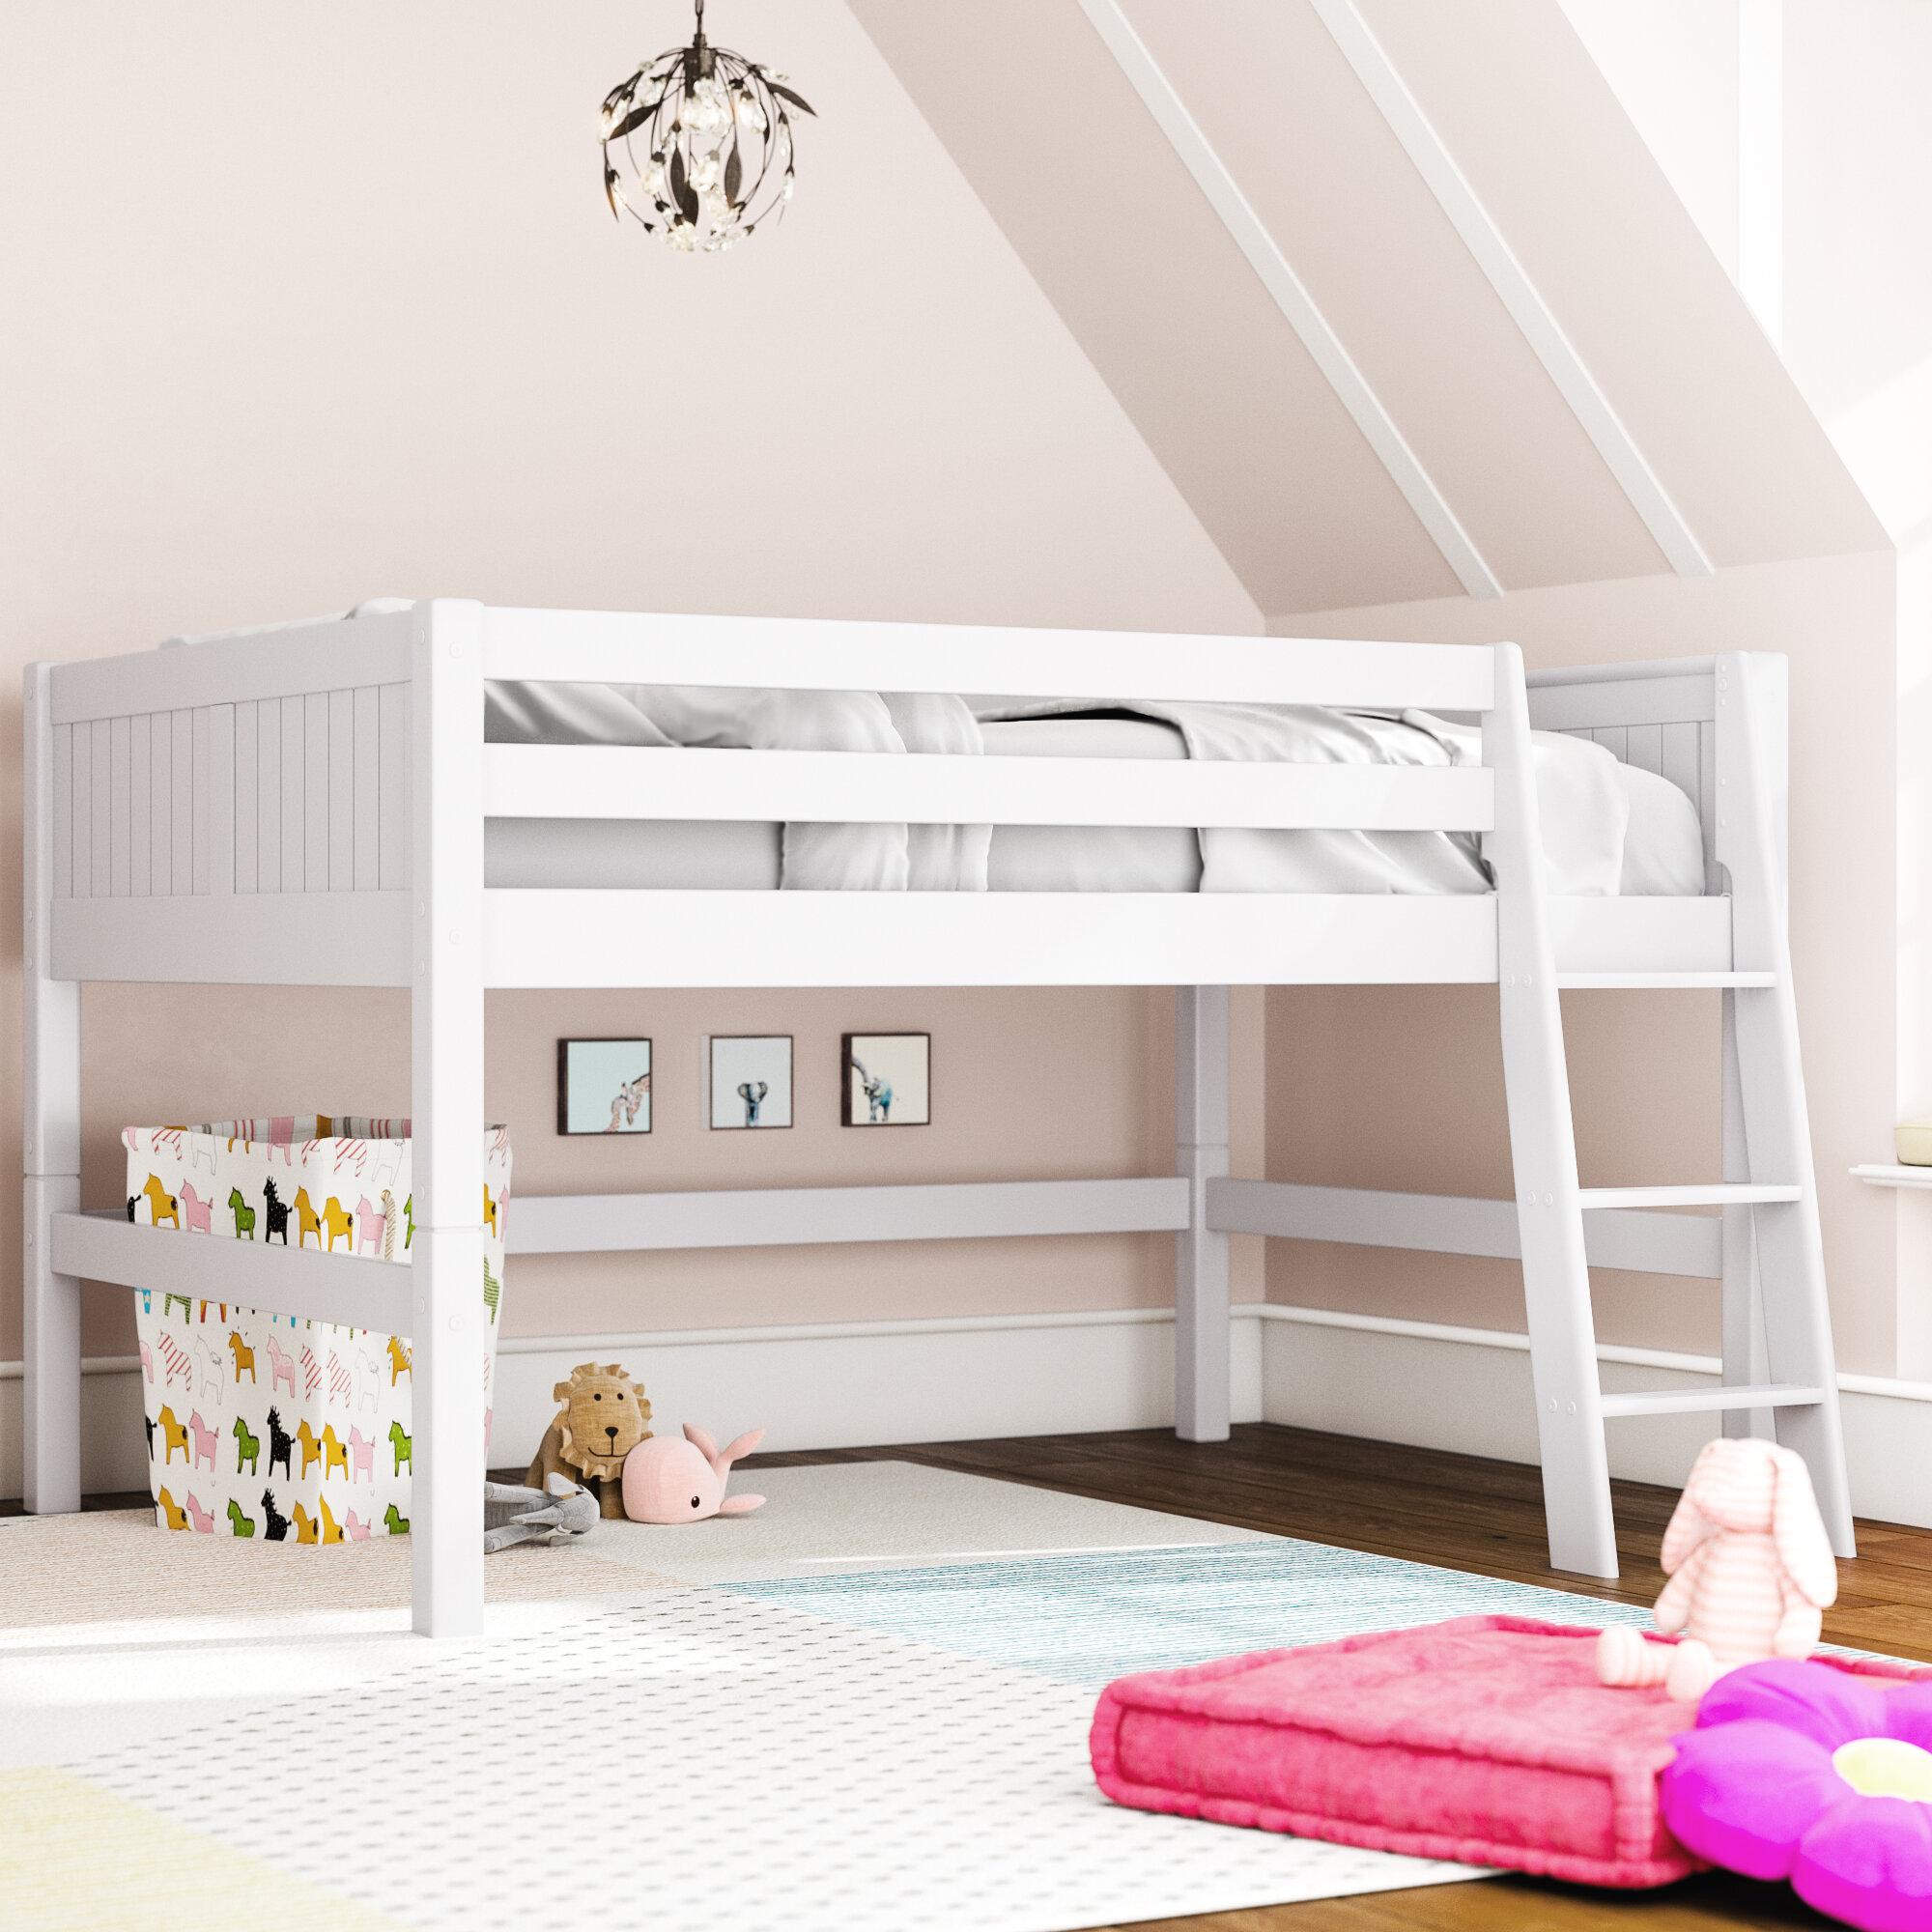 Loft Beds Up To 60 Off Through 01 05 Wayfair